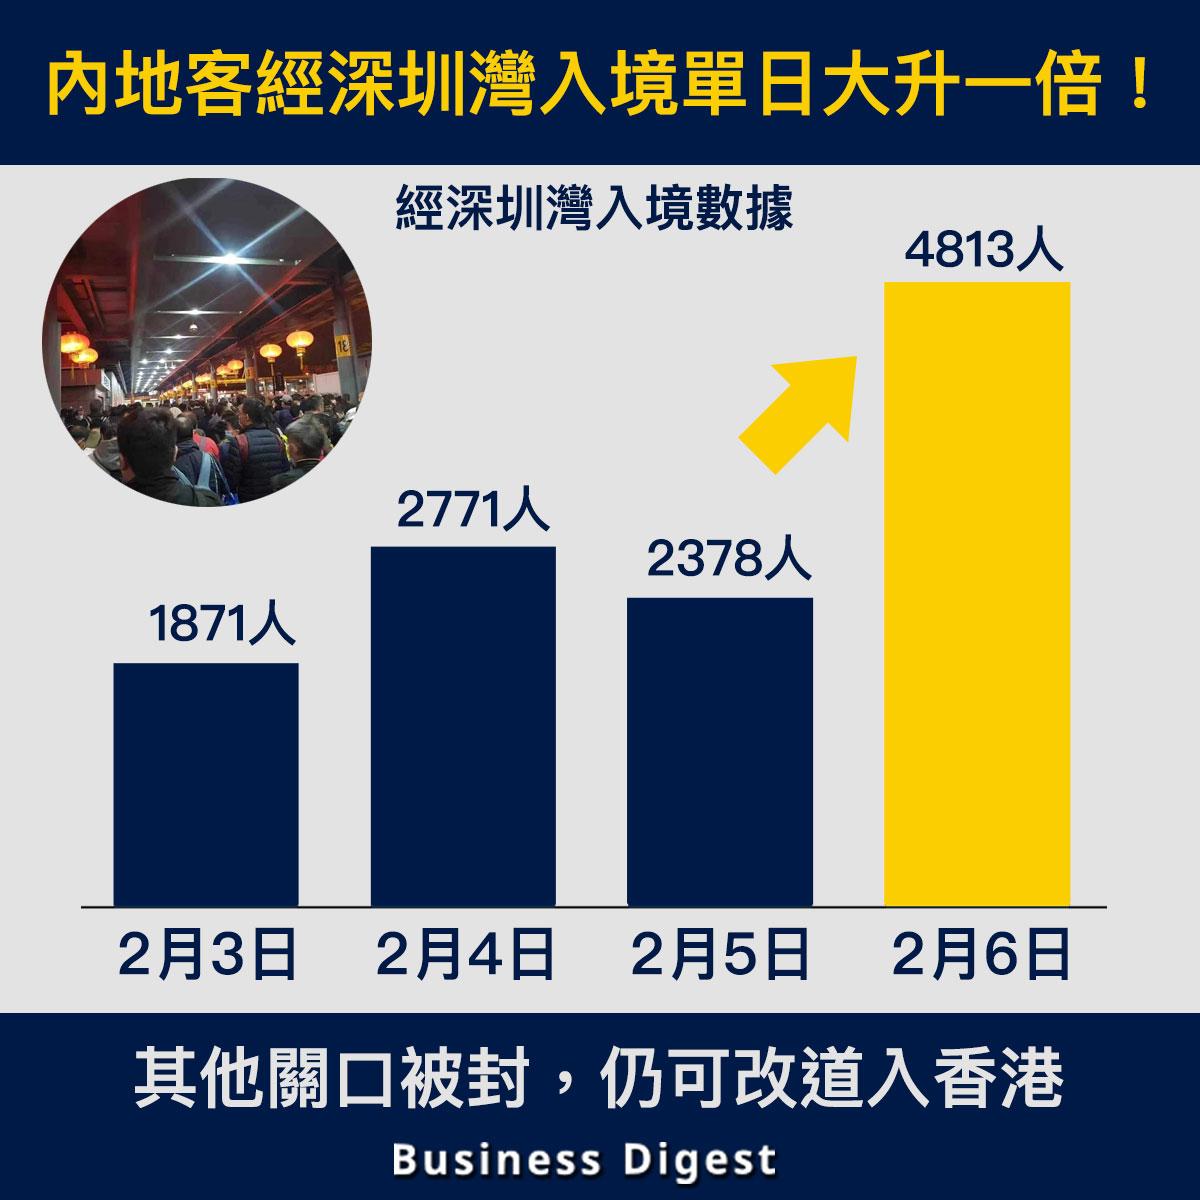 【從數據認識封關】內地客經深圳灣入境單日大升一倍!